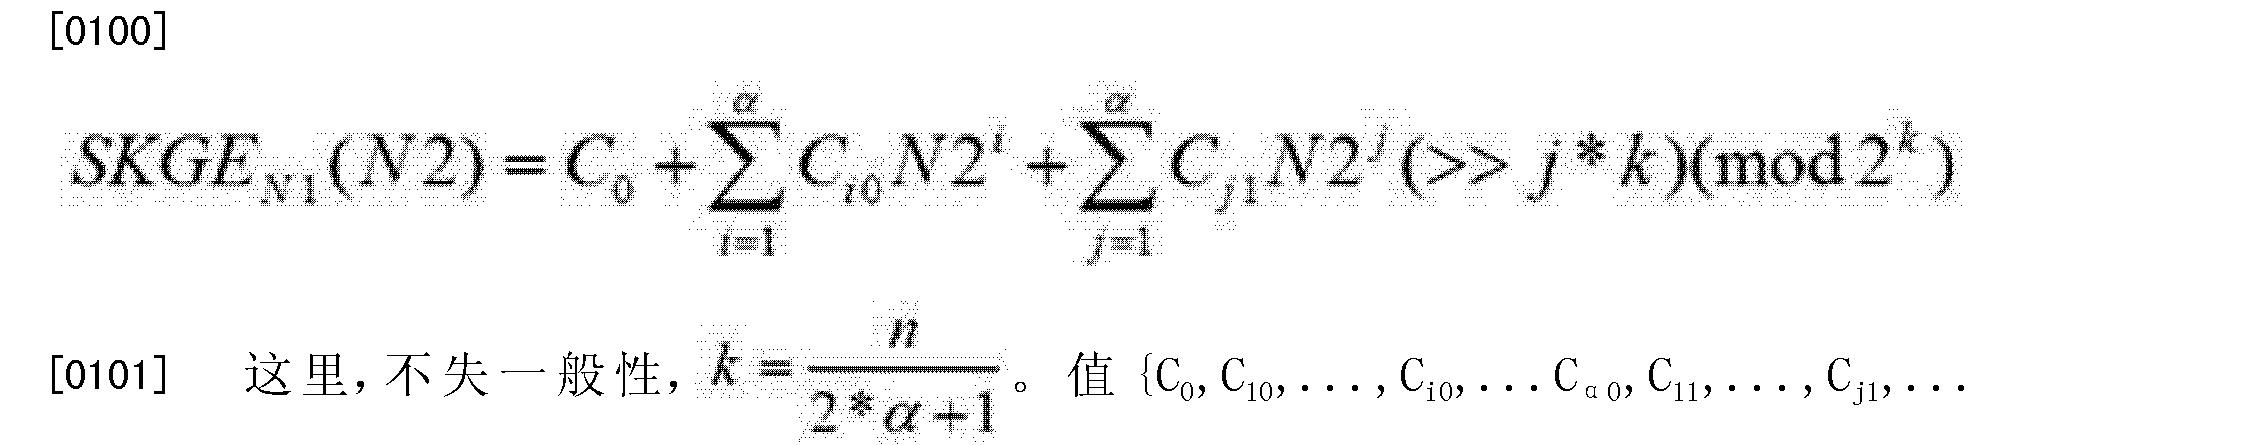 Figure CN102356597BD00124